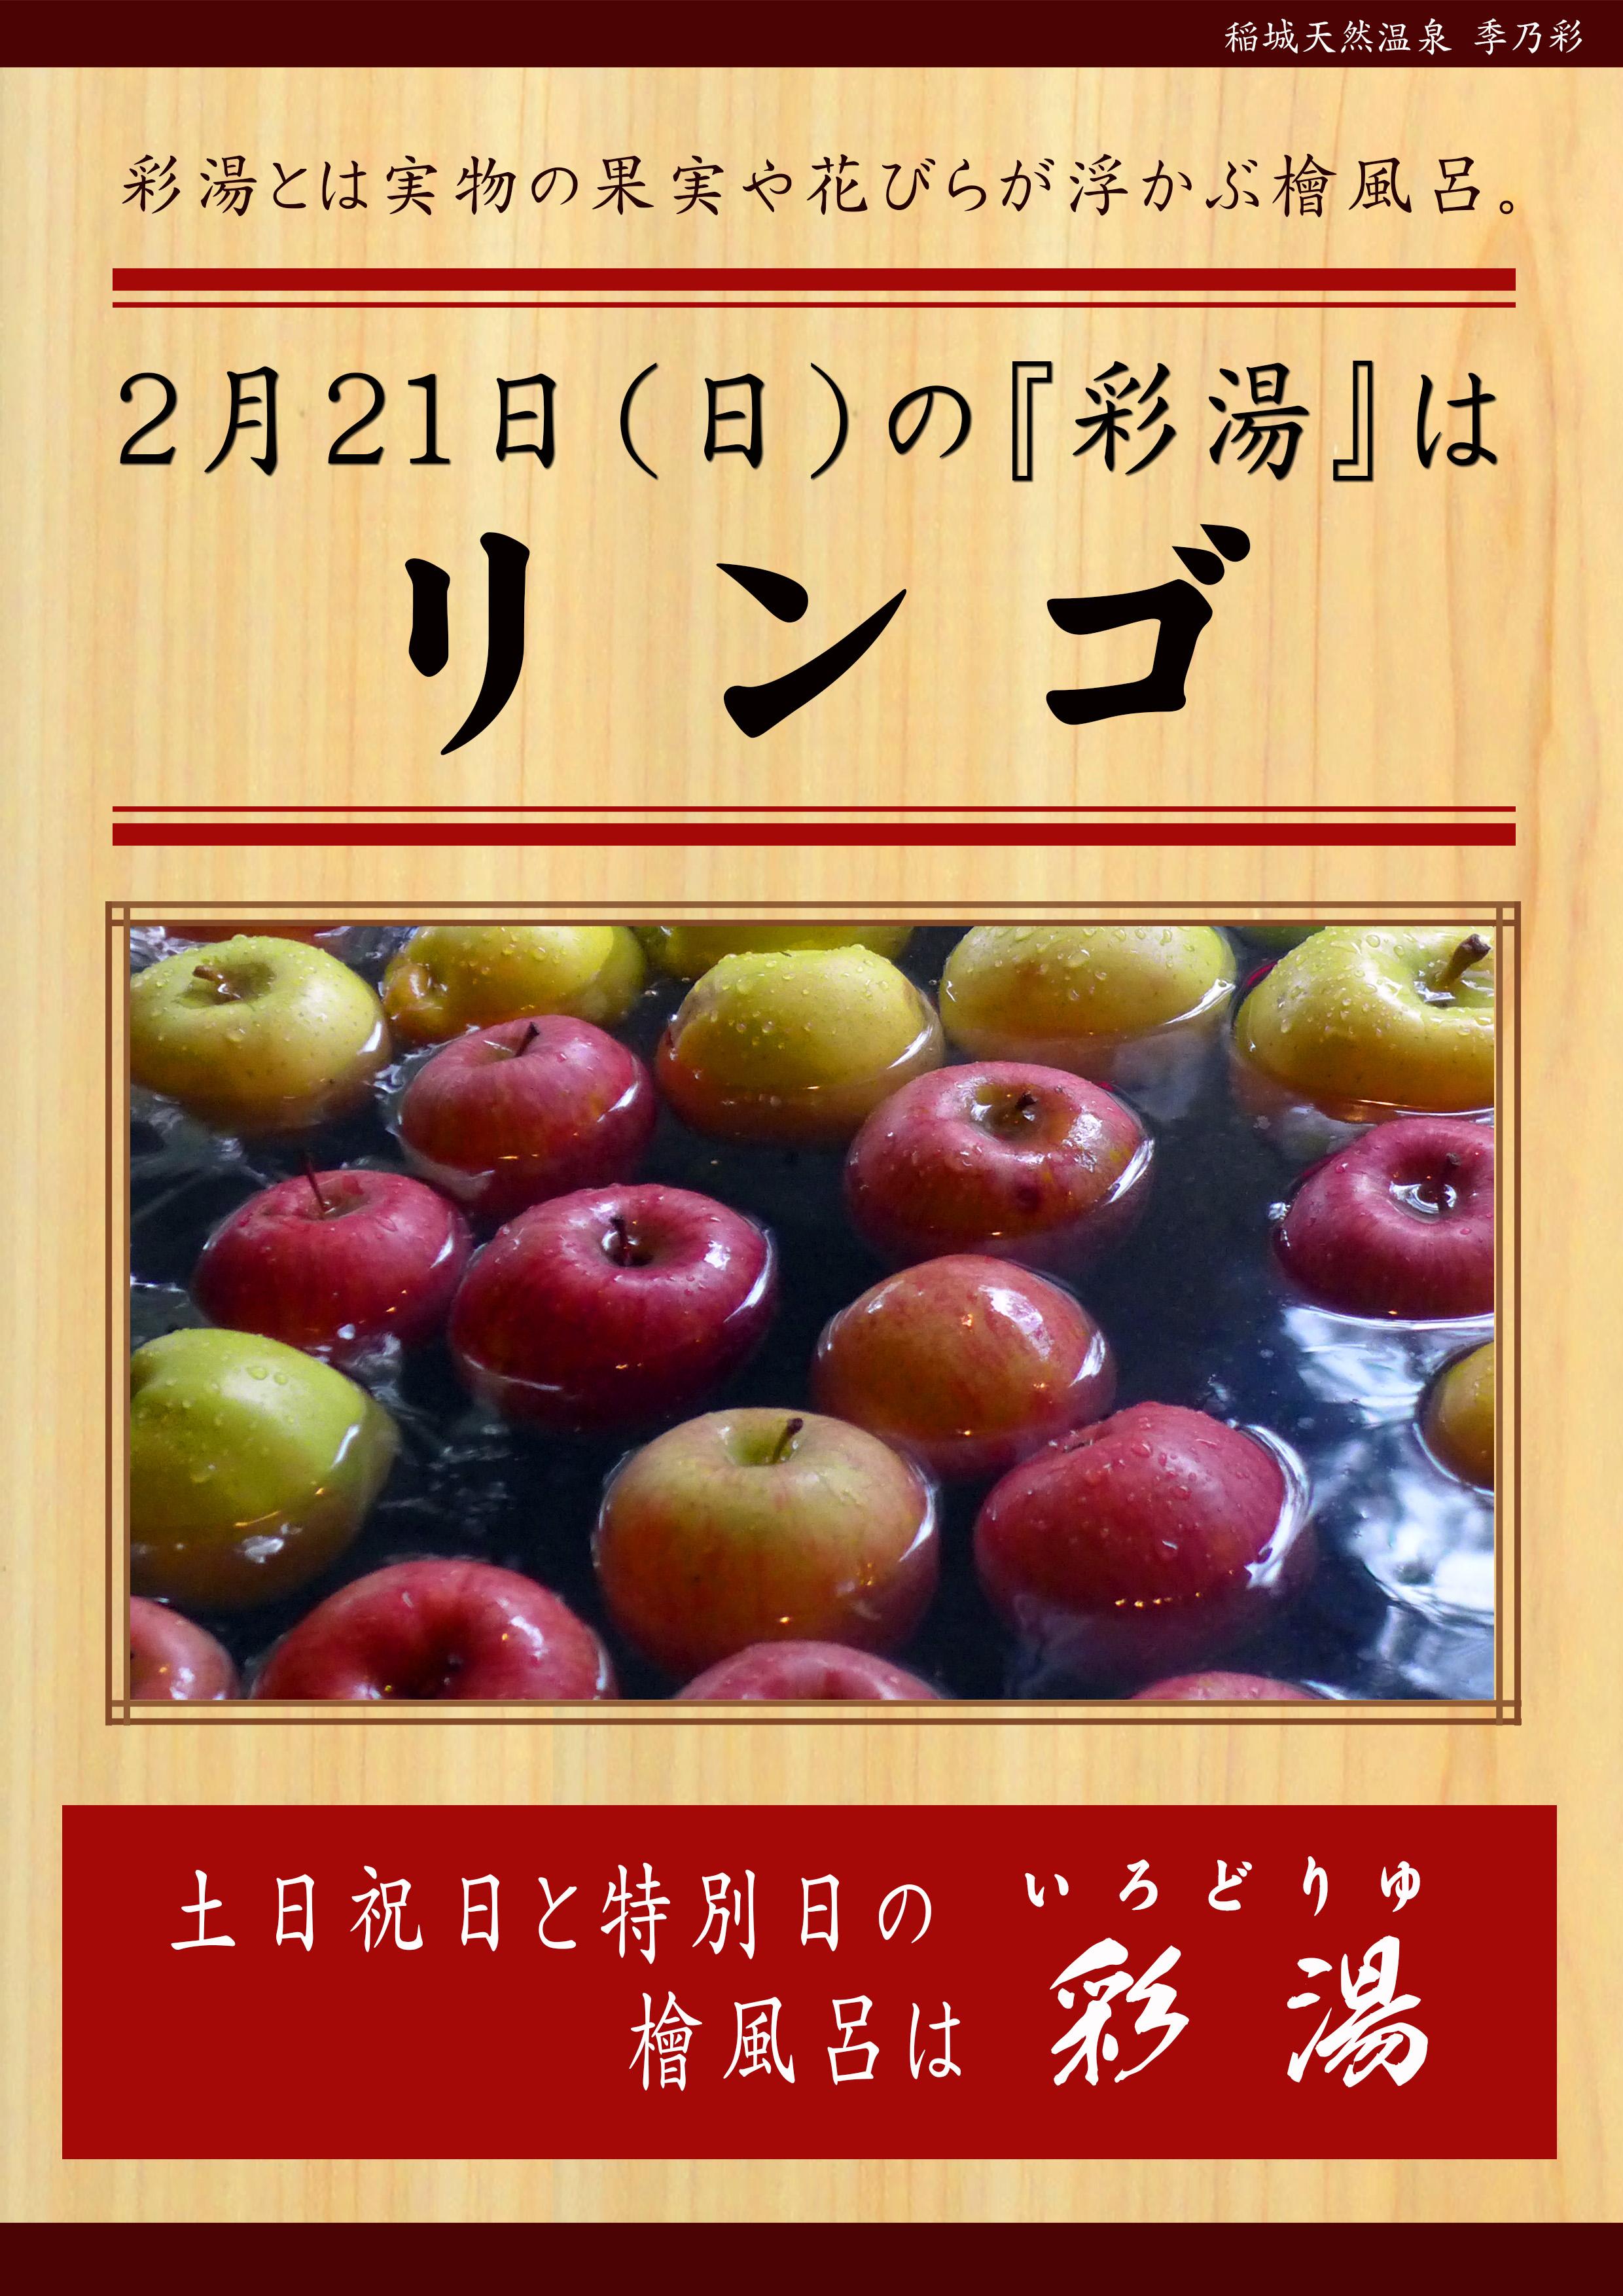 0221彩湯 リンゴ